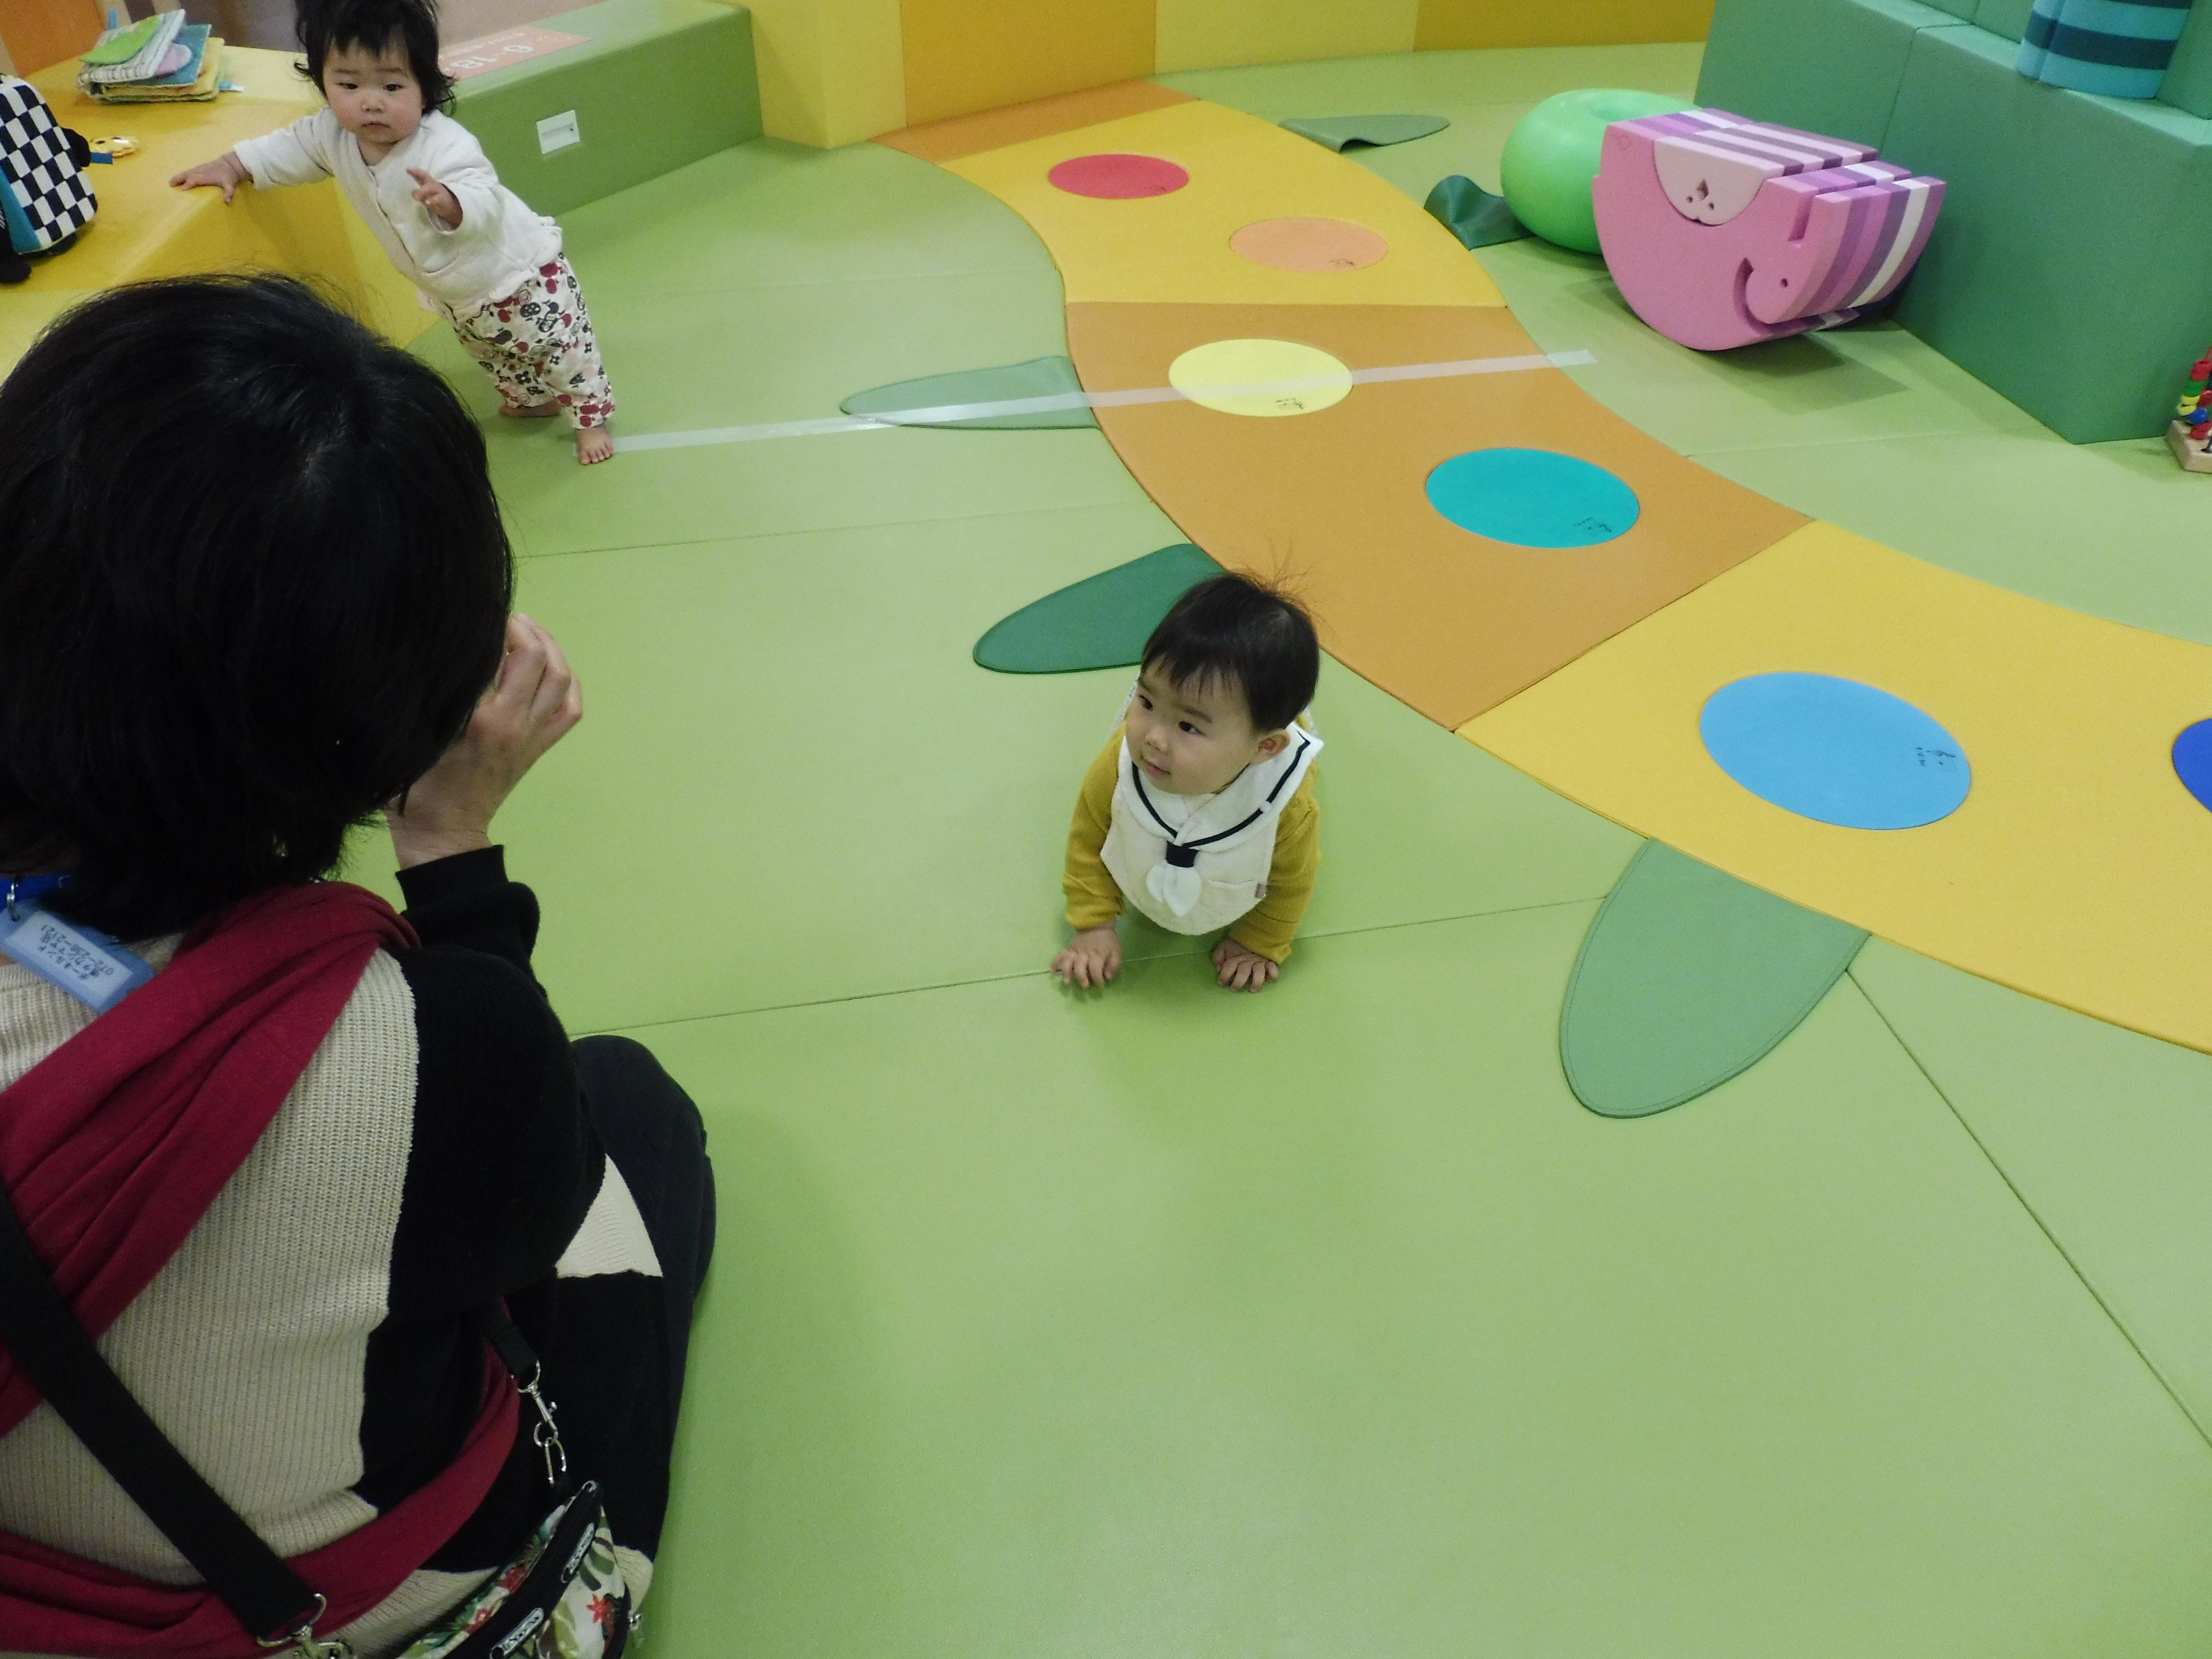 1月9日の赤ちゃんイベントの様子